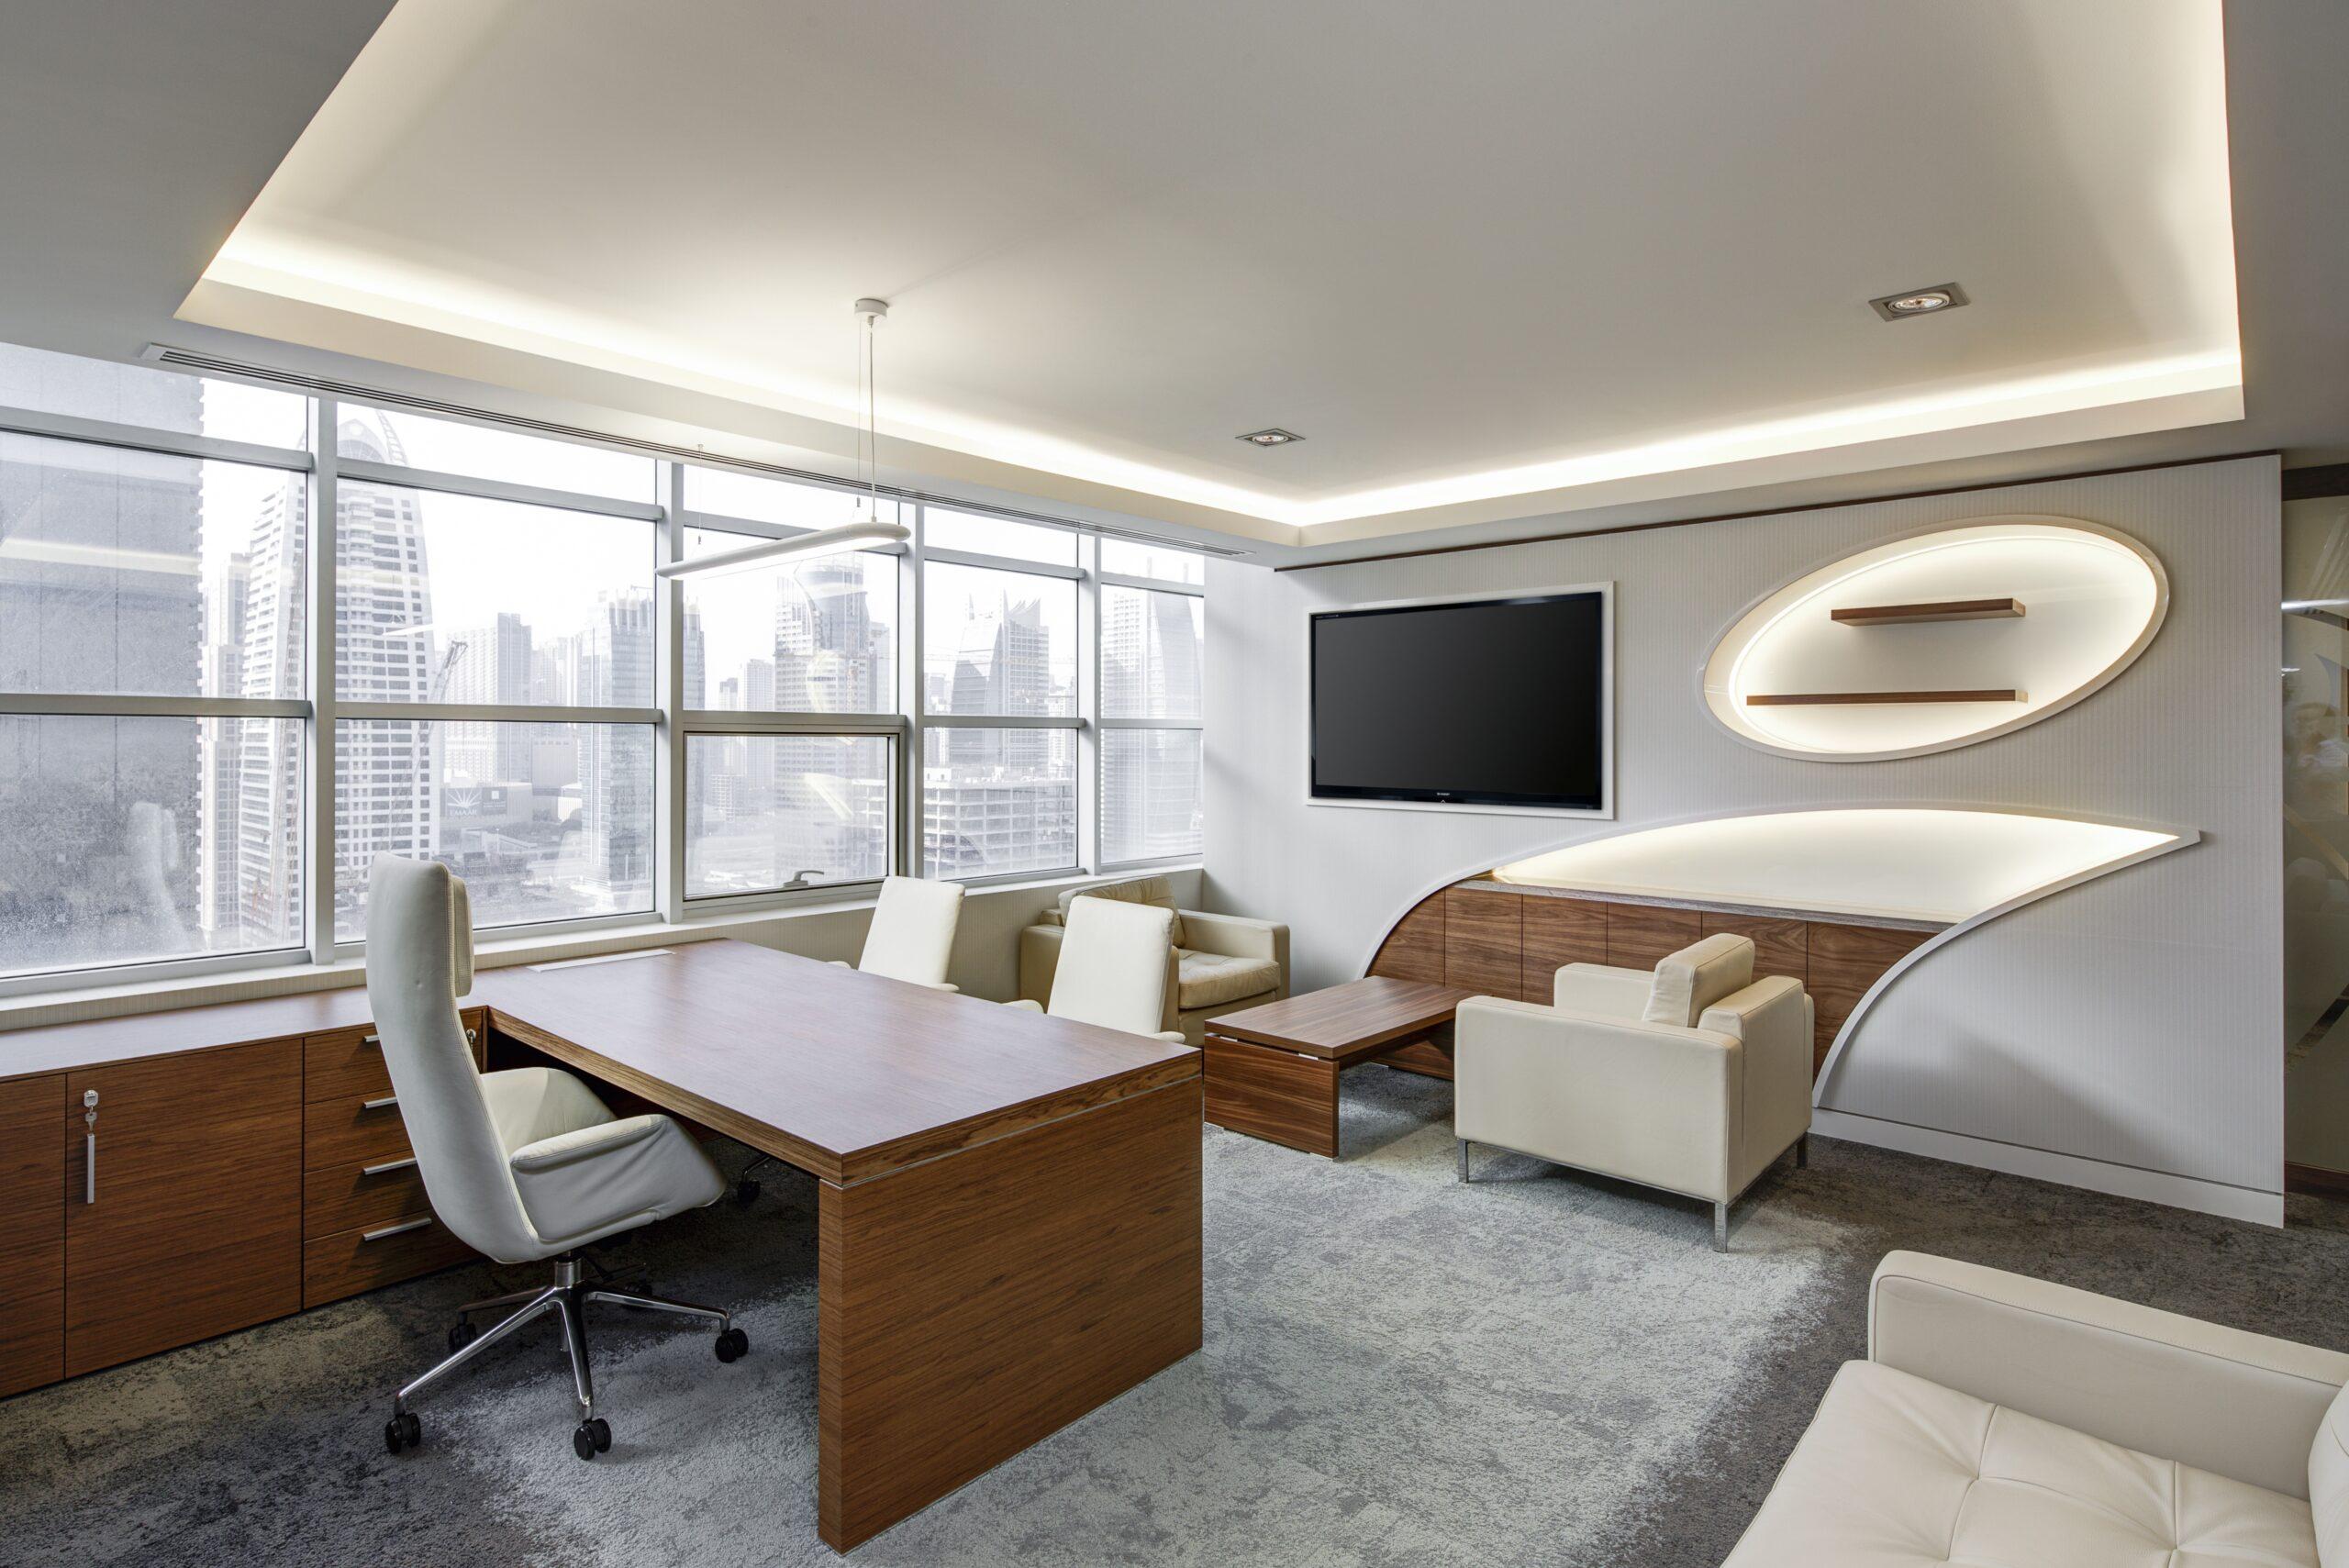 オフィスの内装を効果的に良くするためのポイント